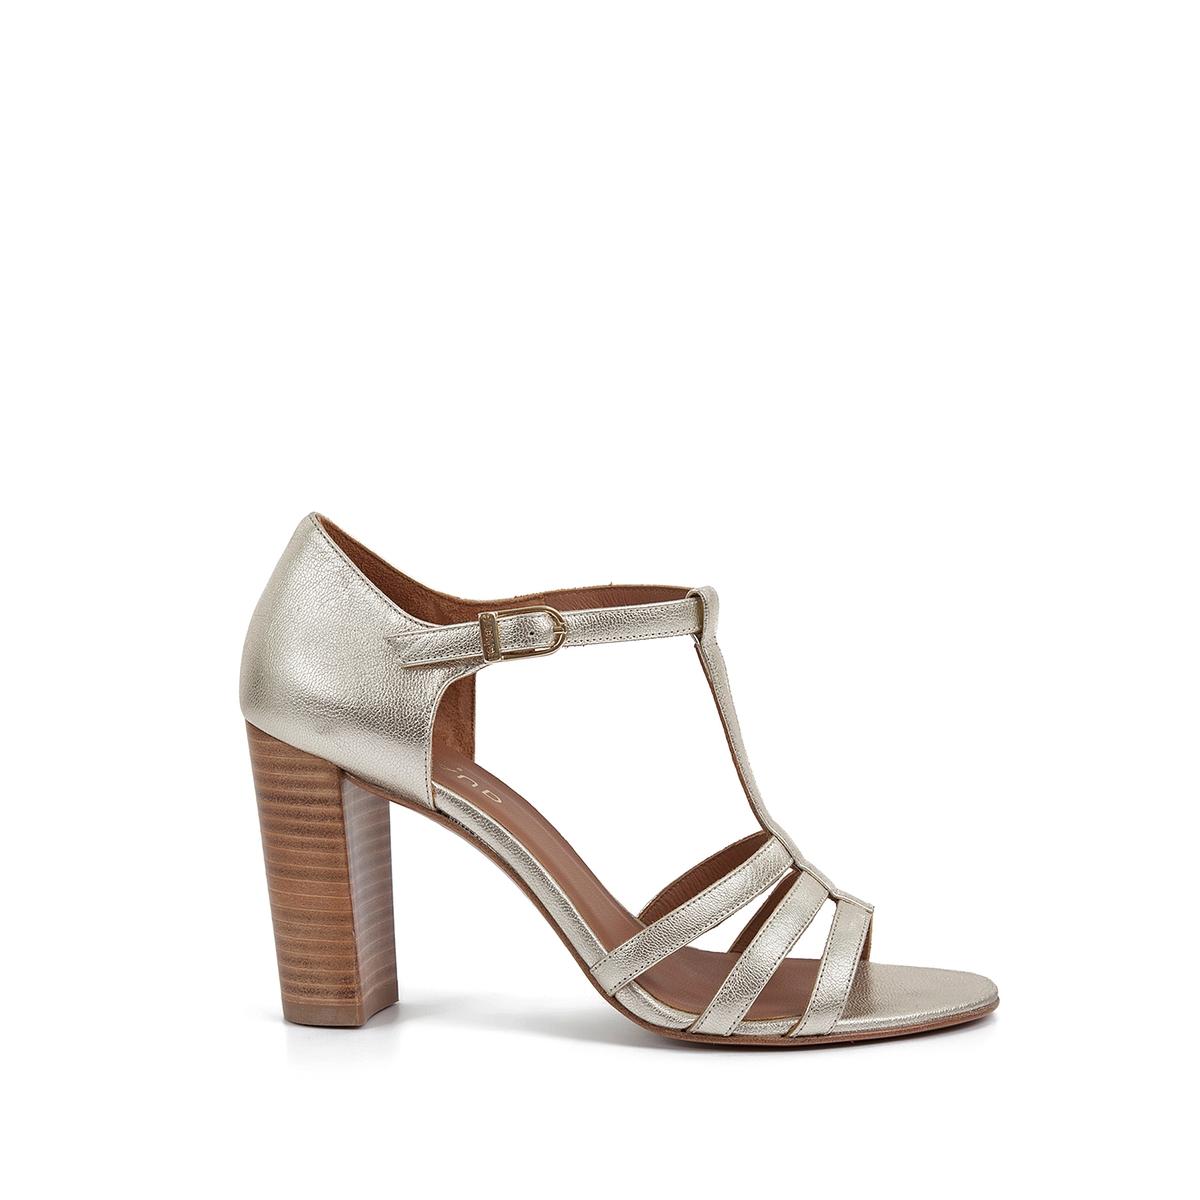 Босоножки кожаные ElsieВерх : кожа   Подкладка : кожа   Стелька : кожа   Подошва : кожа   Высота каблука : 8 см   Форма каблука : квадратный каблук   Мысок : закругленный мысок   Застежка : ремешок<br><br>Цвет: золотистый<br>Размер: 40